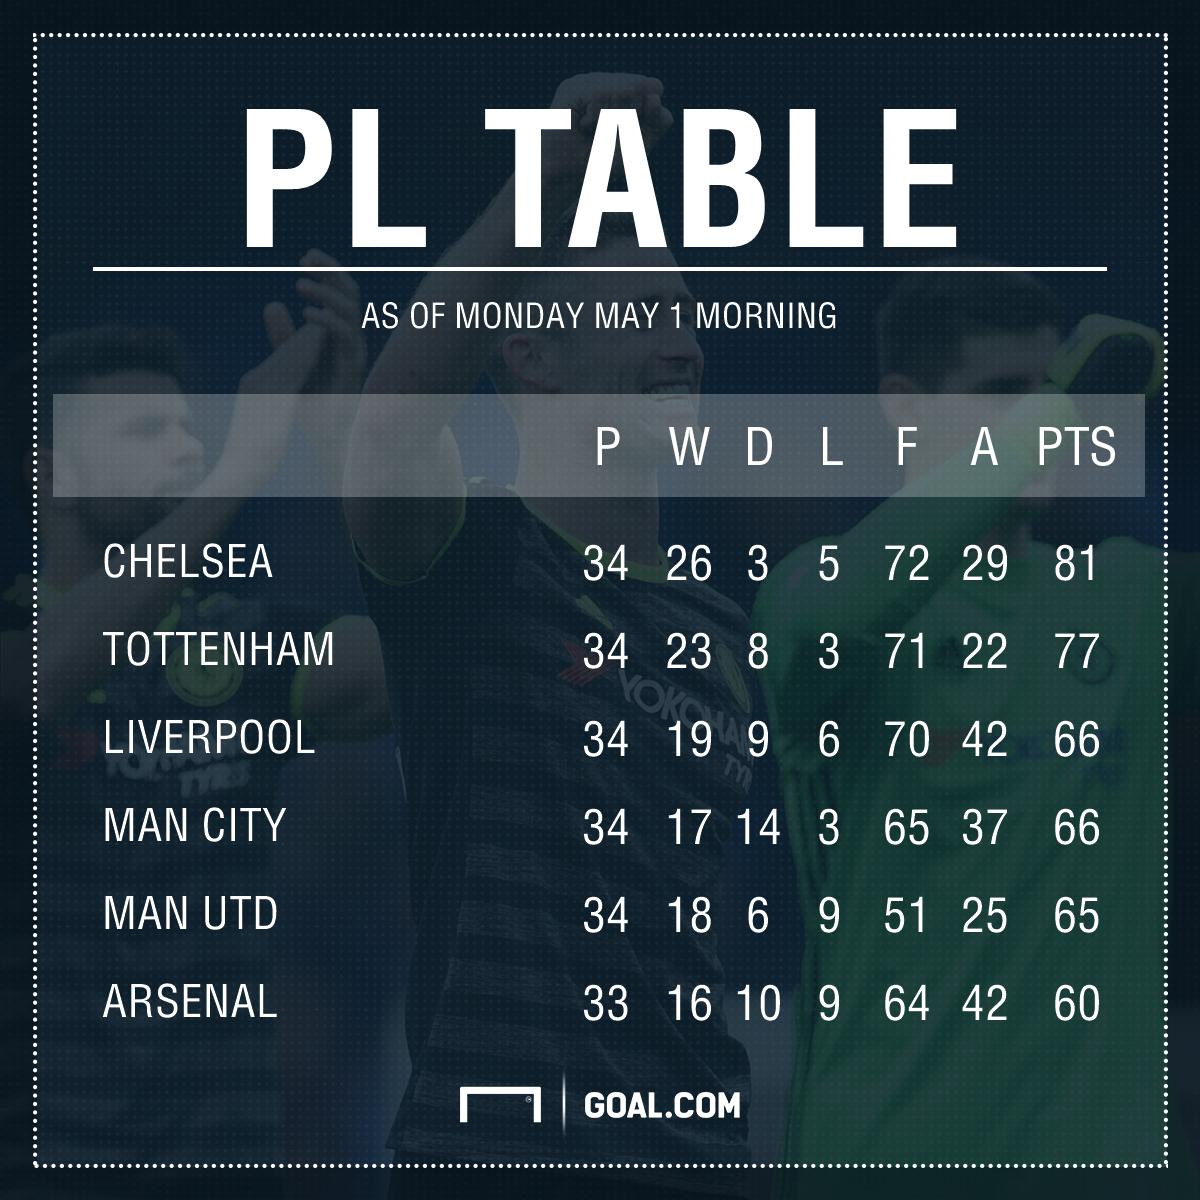 Latest Premier League table